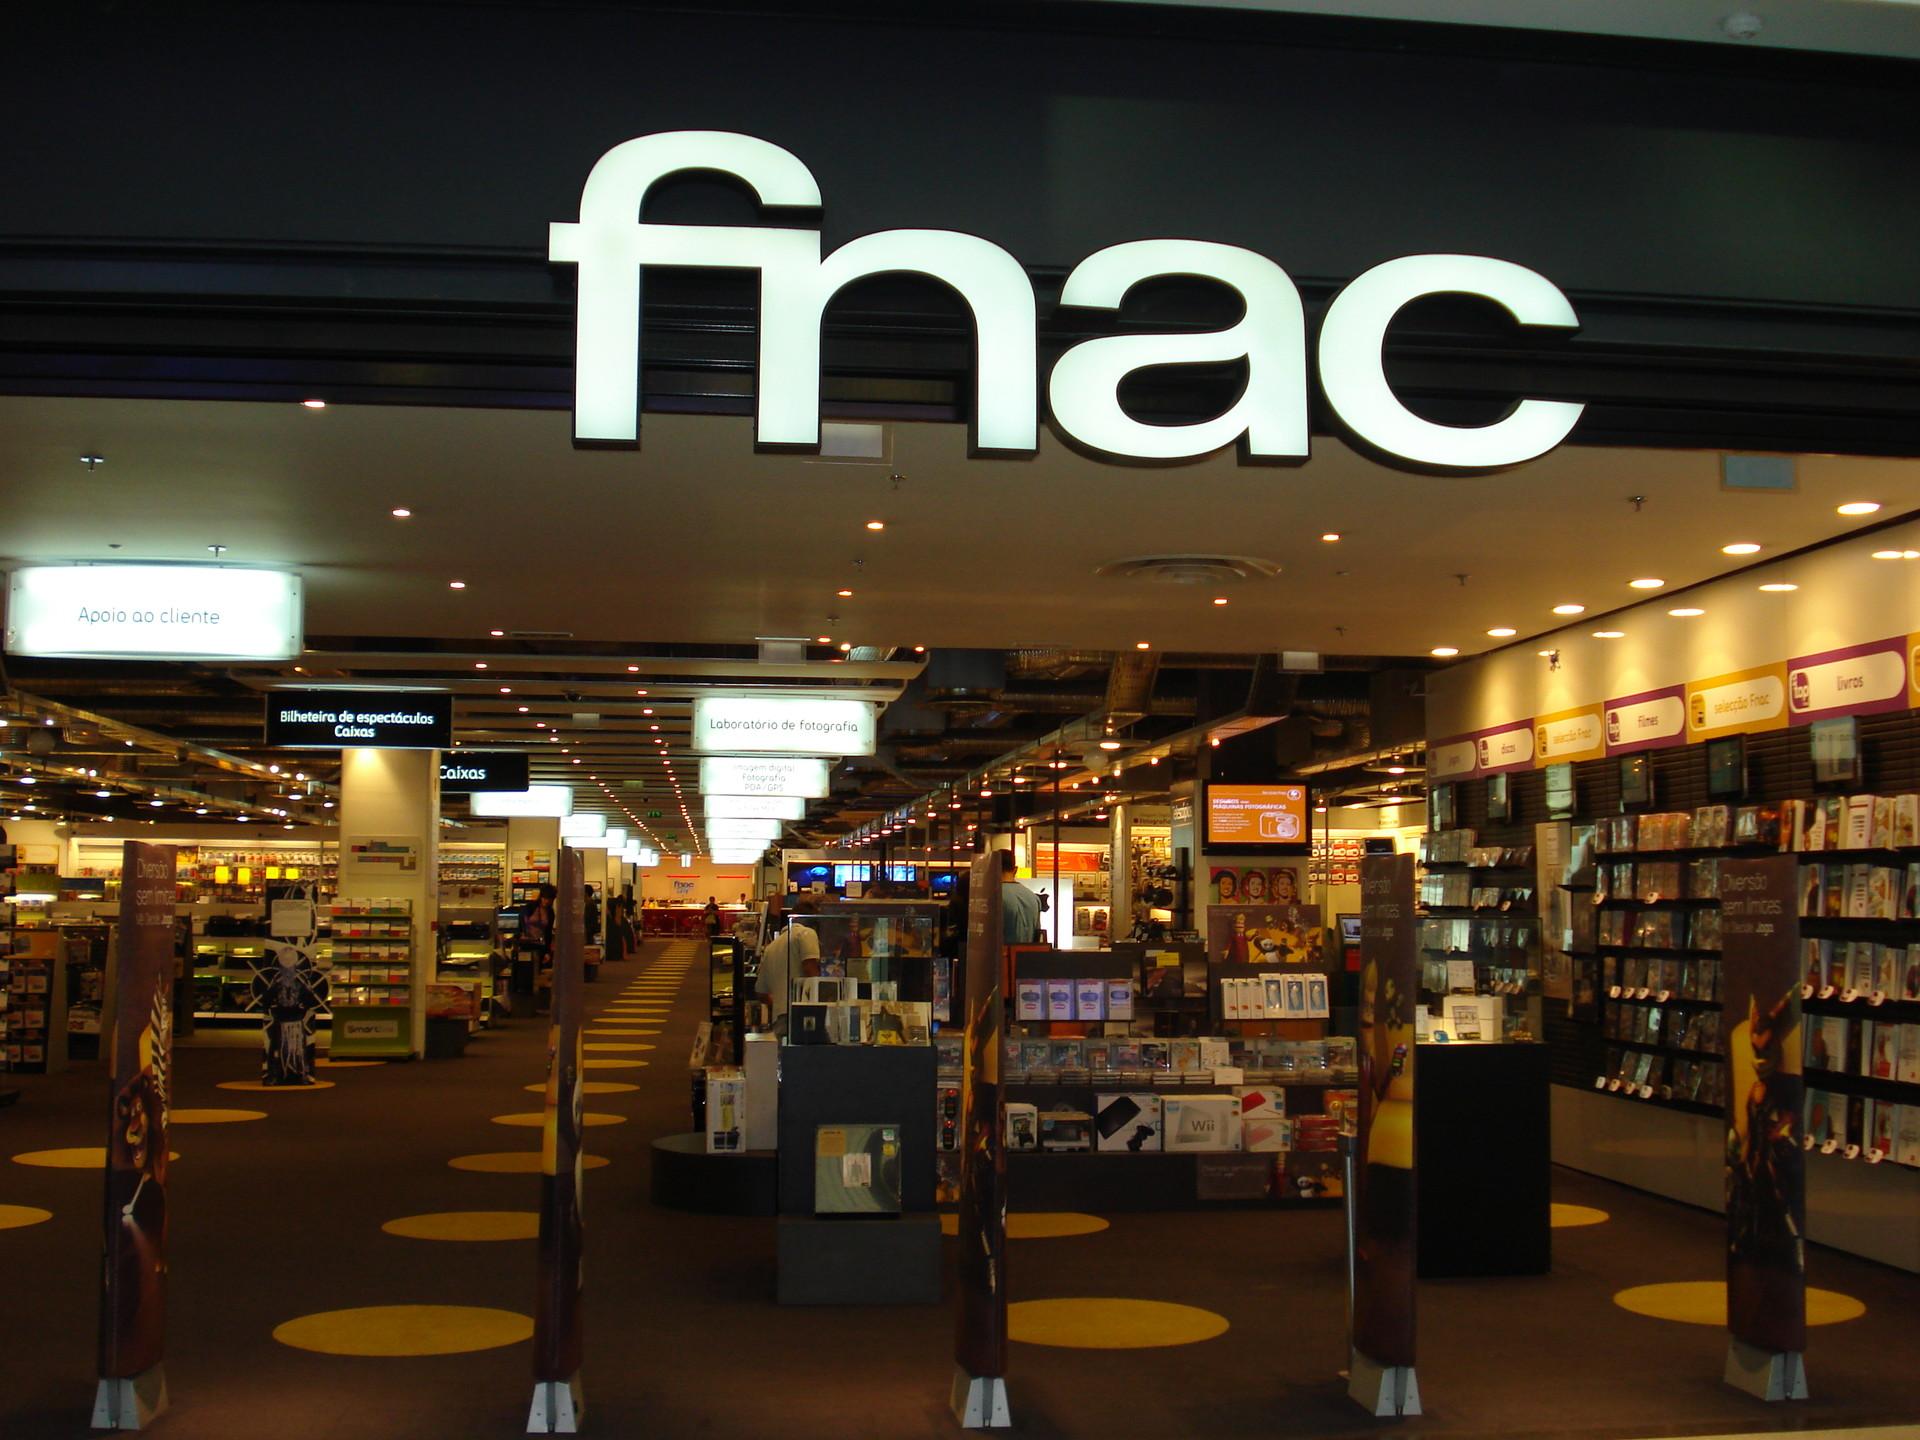 livrarias-portugal-8ffae46e4ed7cda8dcc66